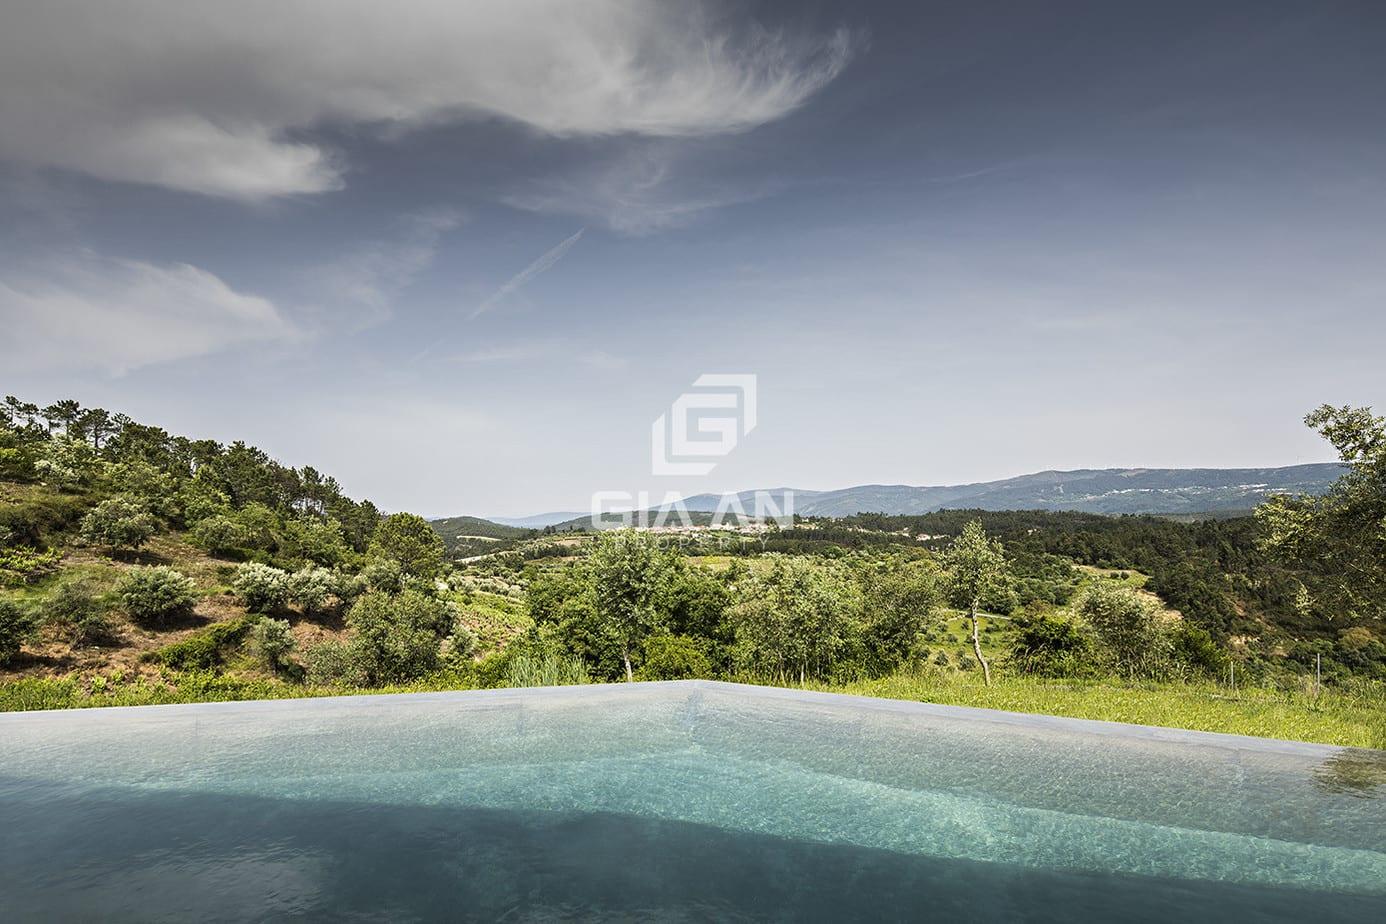 Không gian nghỉ dưỡng thoáng đẹp trên sườn đồi ở Bồ Đào Nha - 28